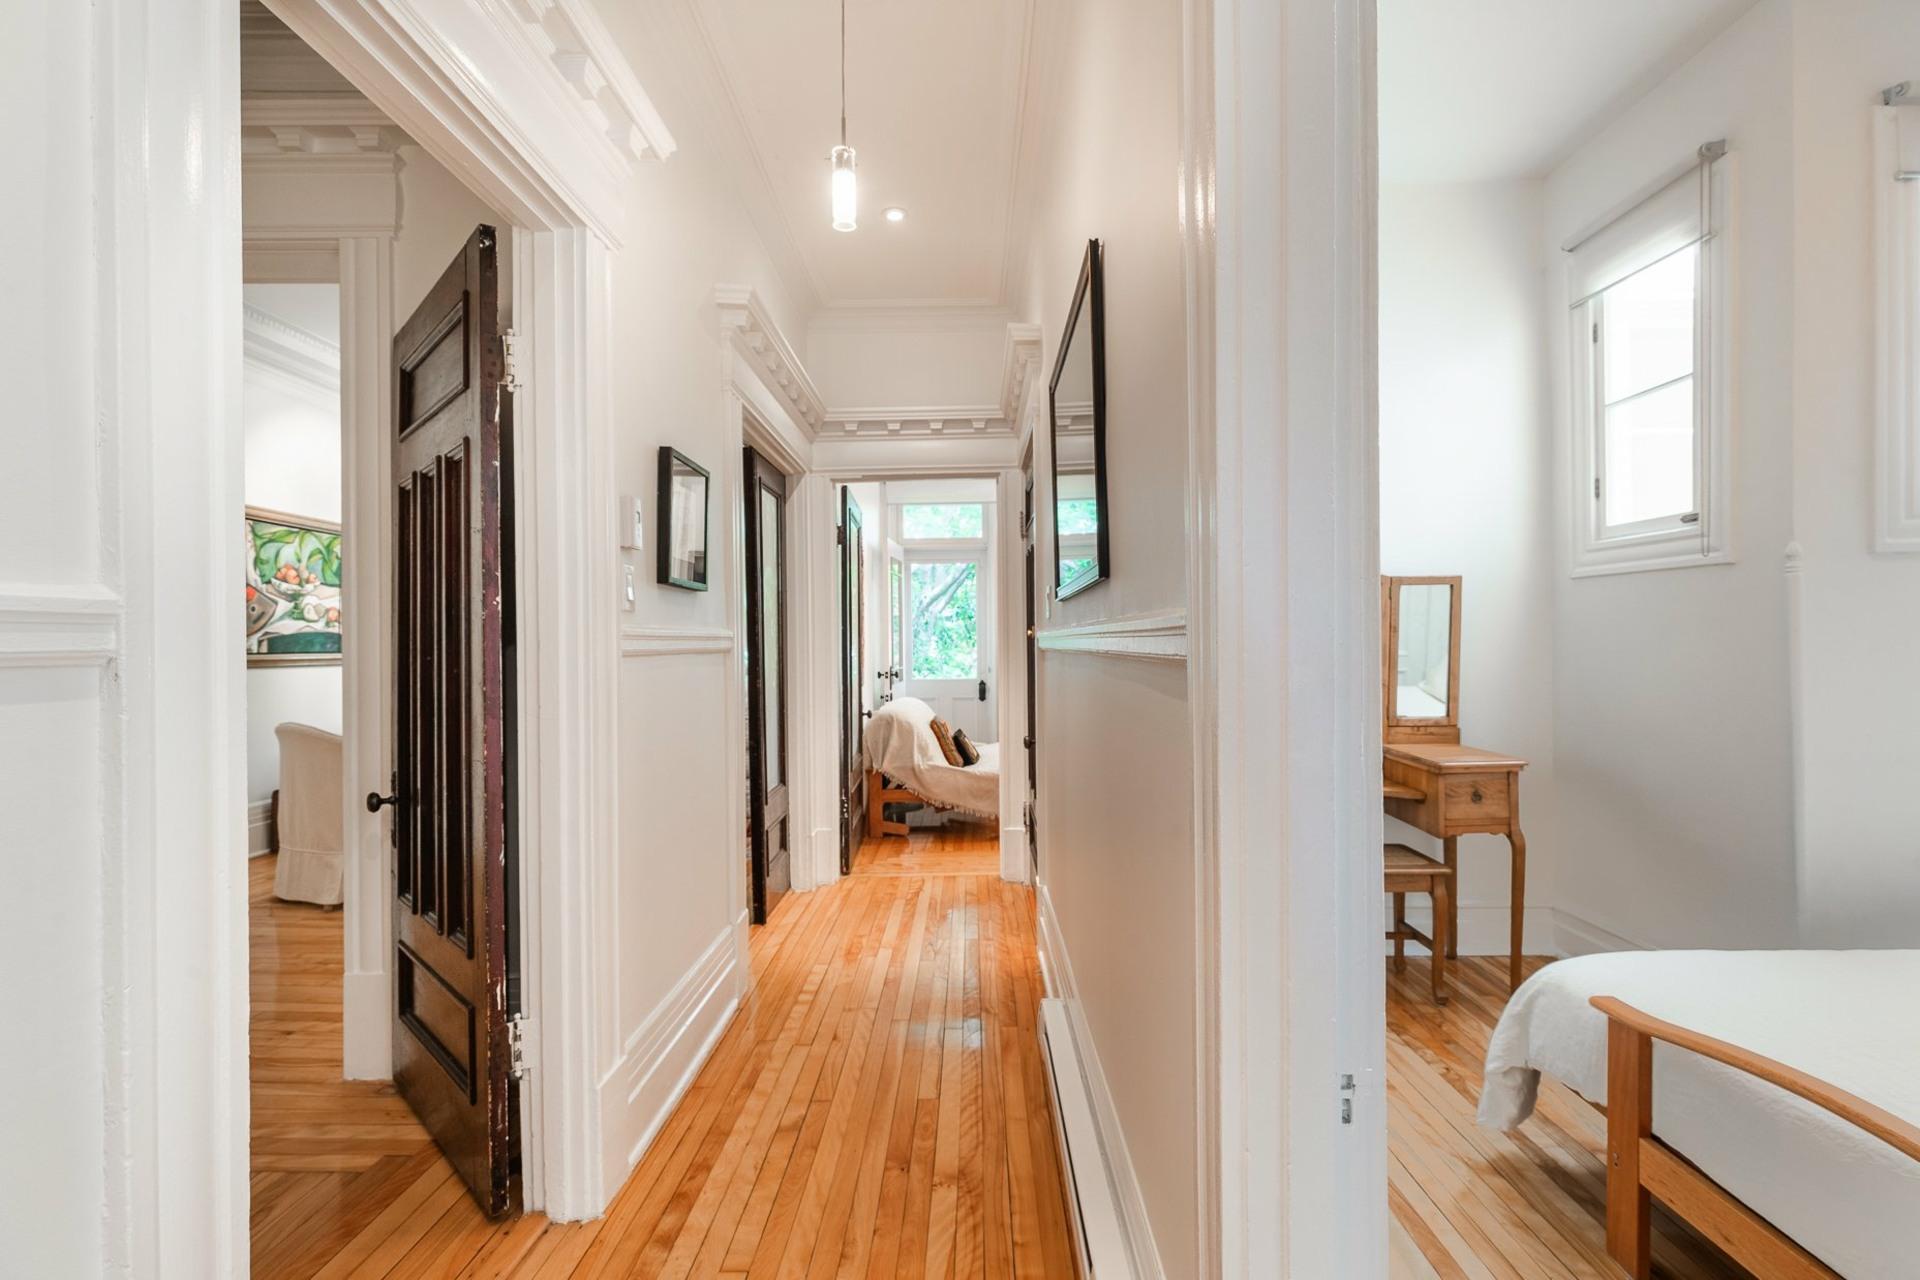 image 7 - Apartment For sale Le Plateau-Mont-Royal Montréal  - 8 rooms